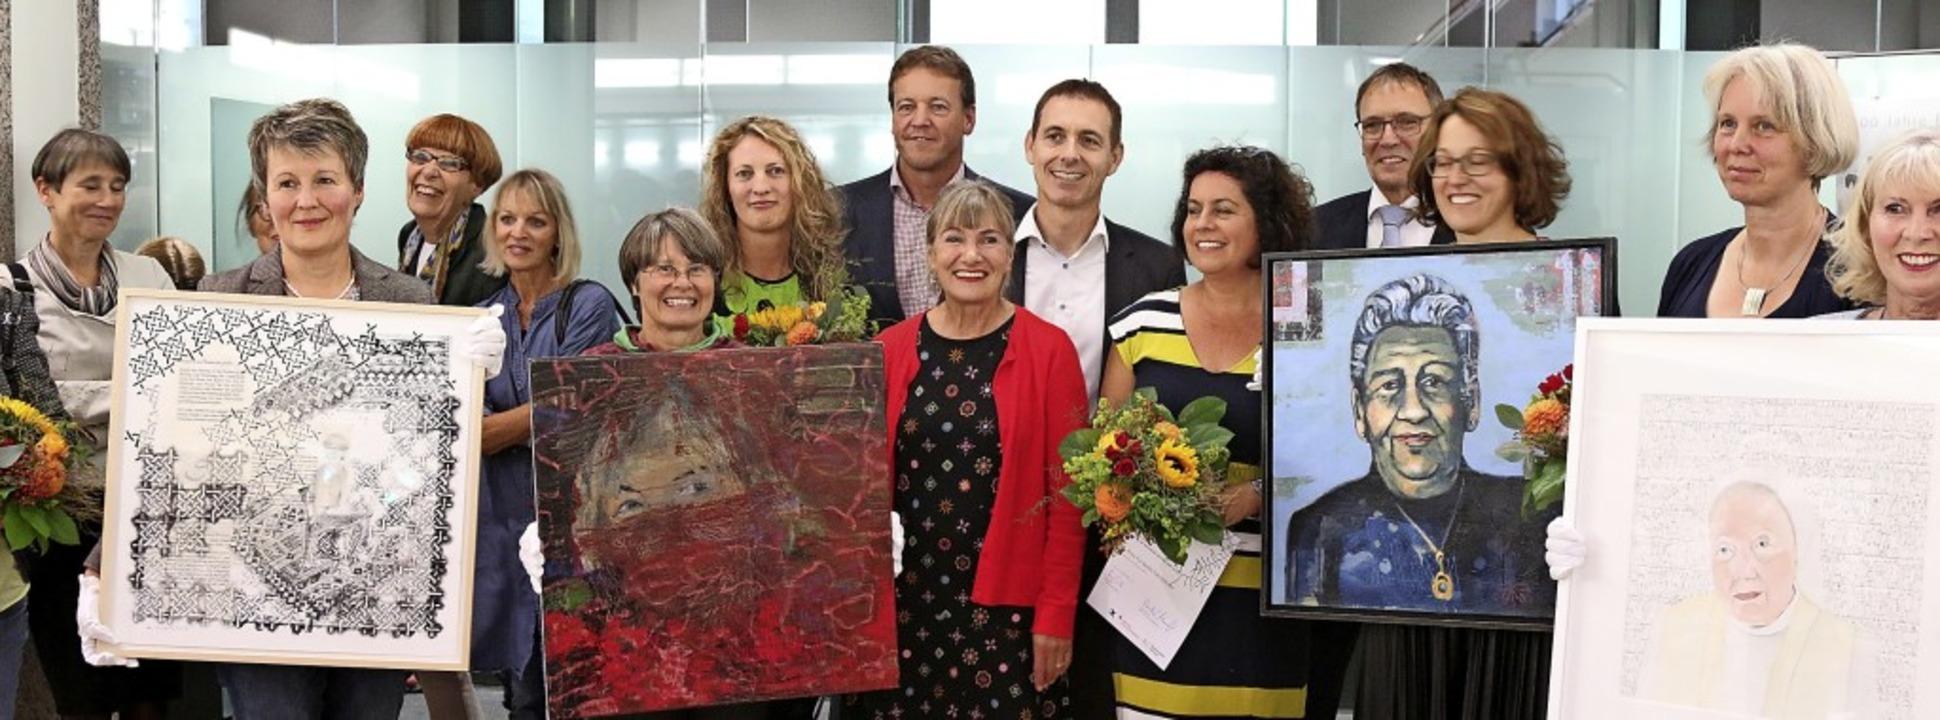 Die Gewinnerbilder (von rechts): Schwe...flin, Karin Maßen und Gudrun Schubert   | Foto: Katharina Bartsch